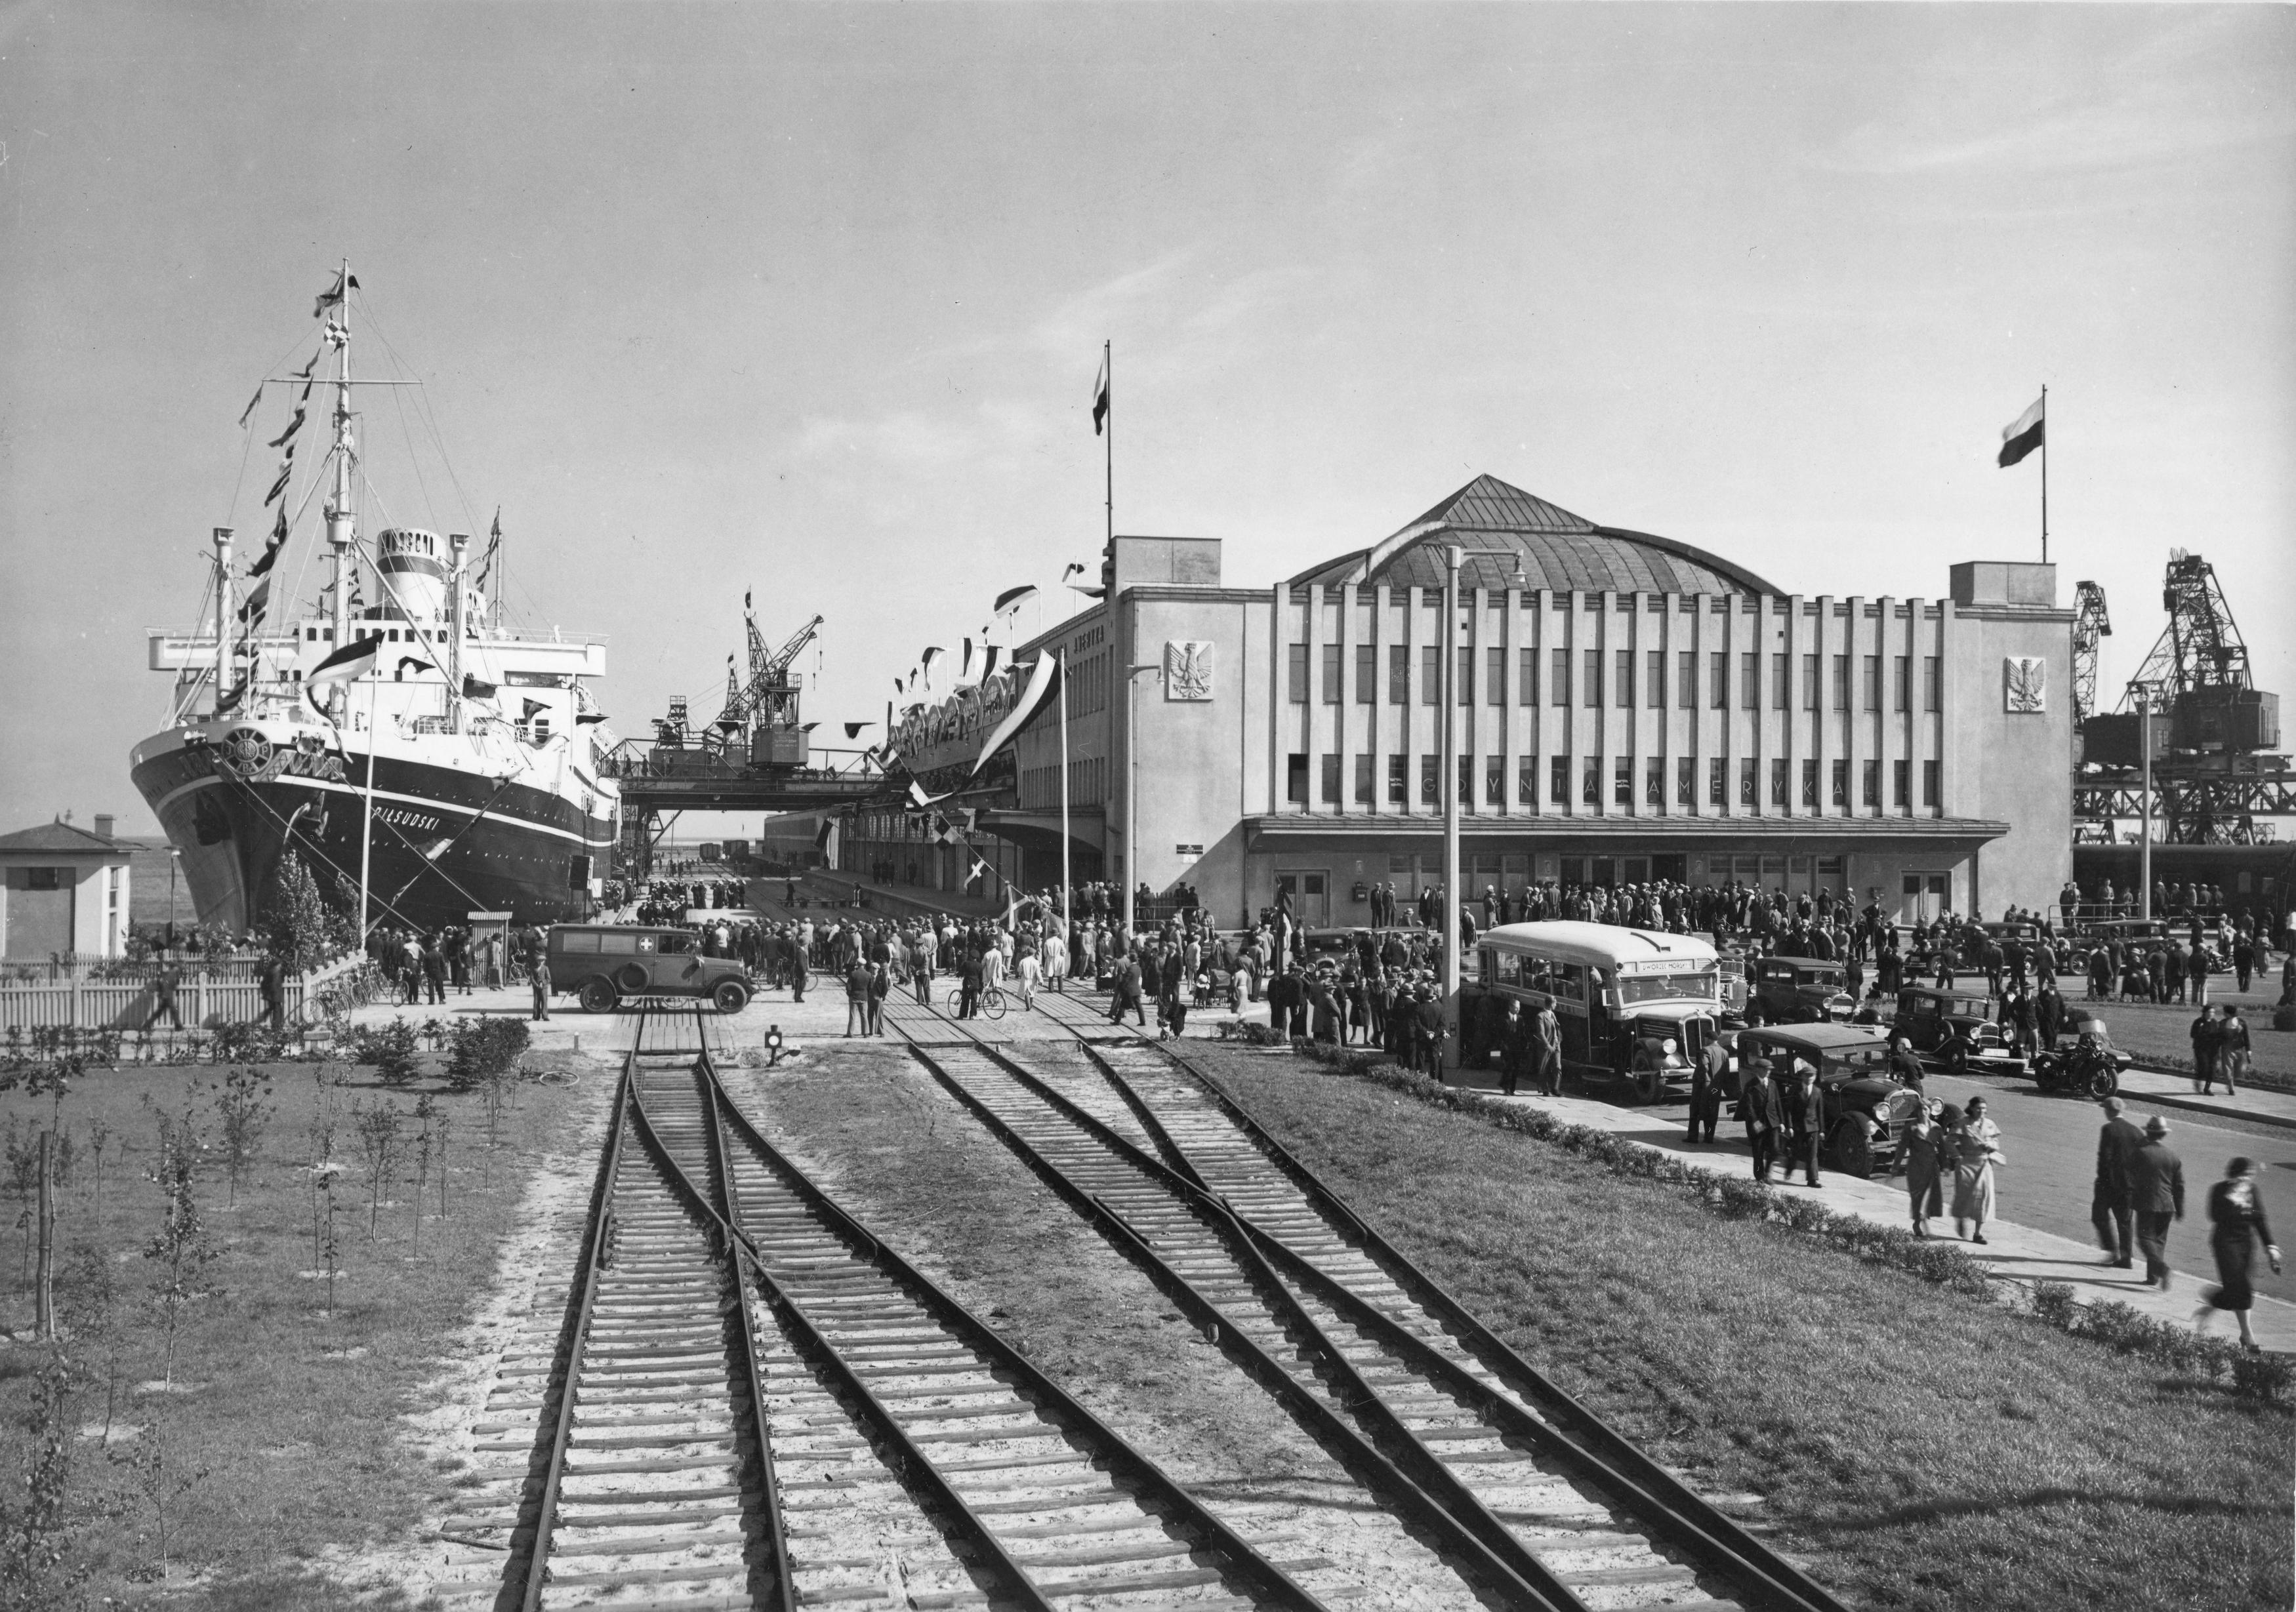 Gdynia. Transatlantycki dworzec morski. Przy nabrzeżu MS Piłsudski